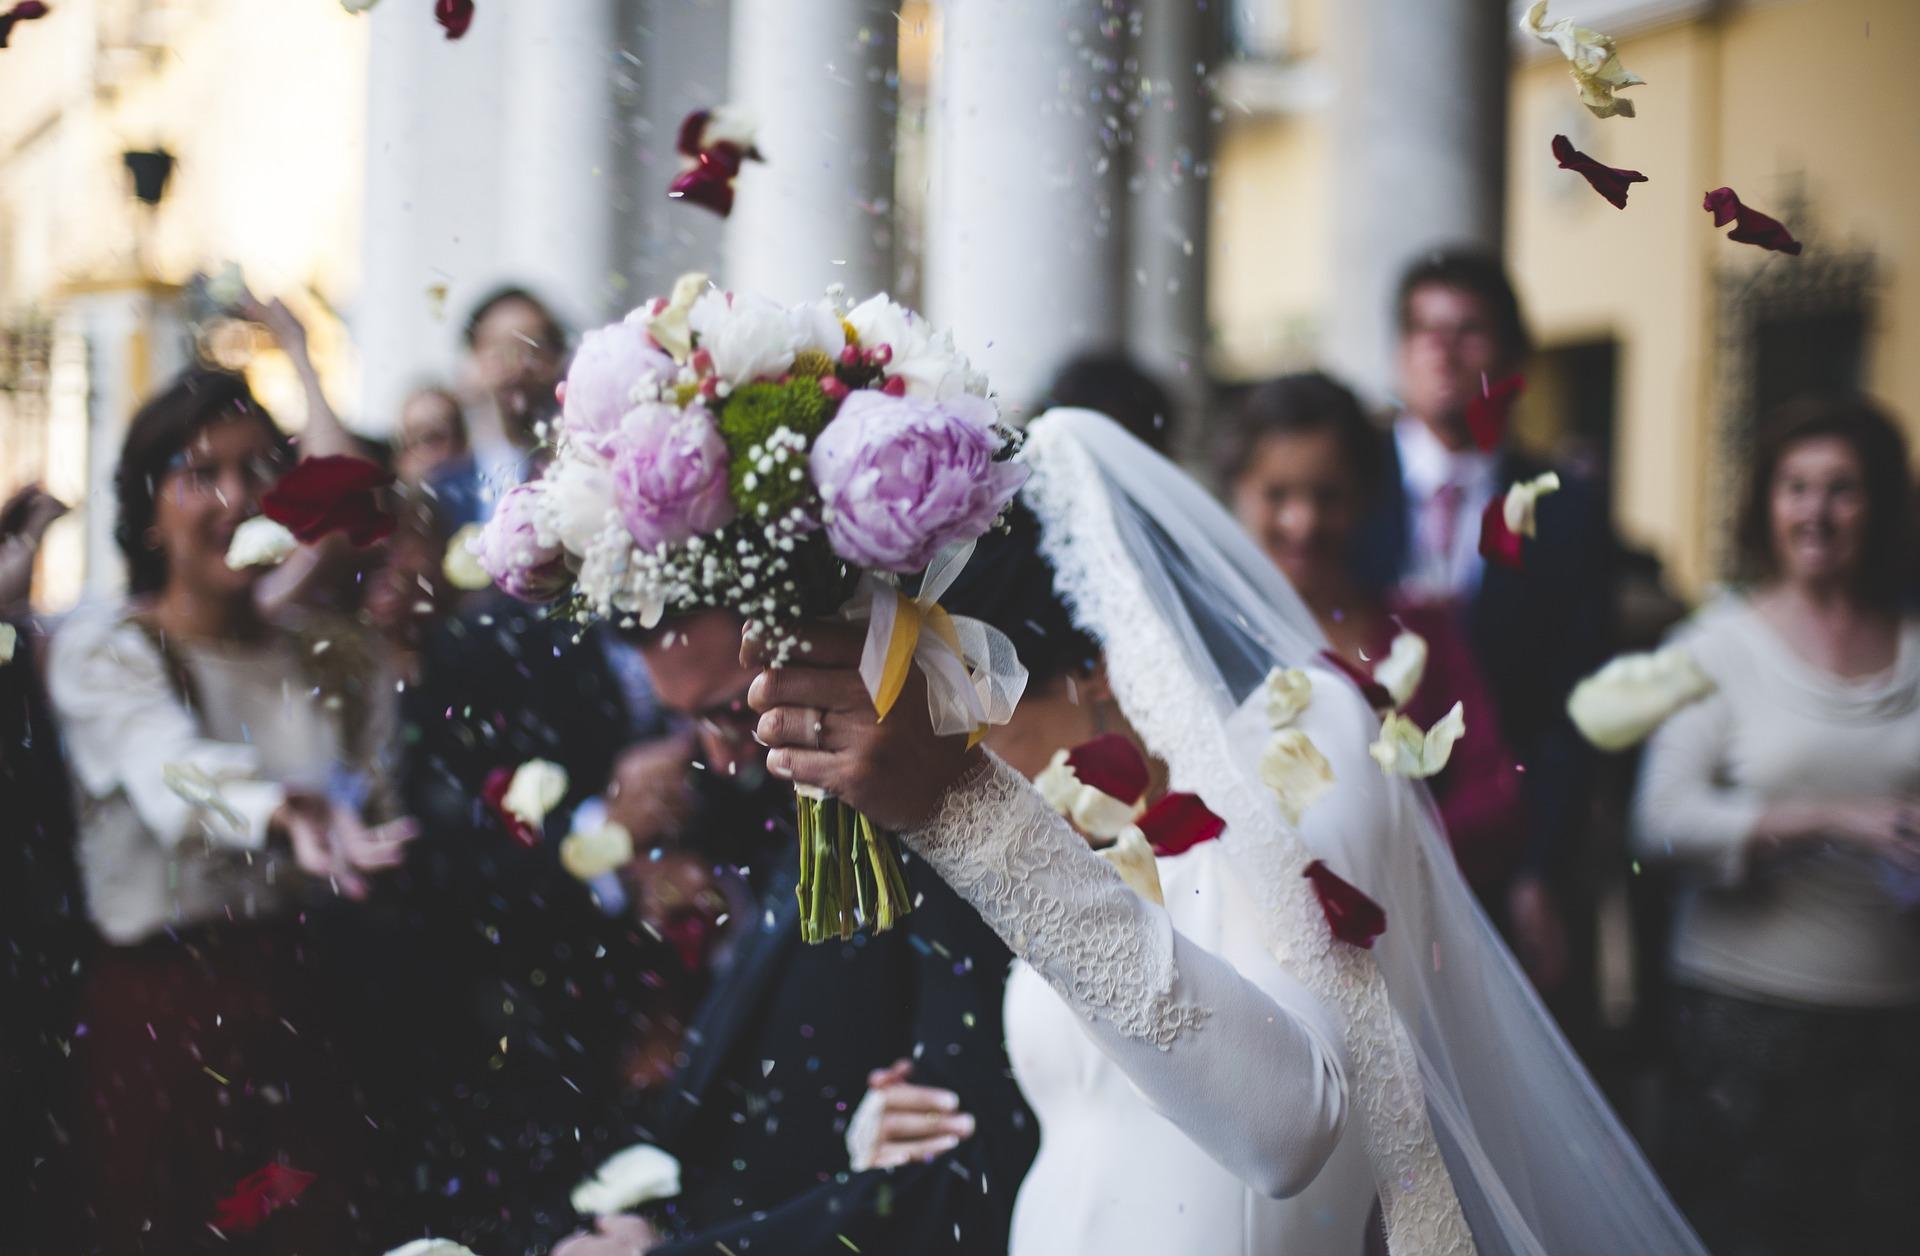 (Italiano) Matrimonio e superstizione: un binomio quasi perfetto